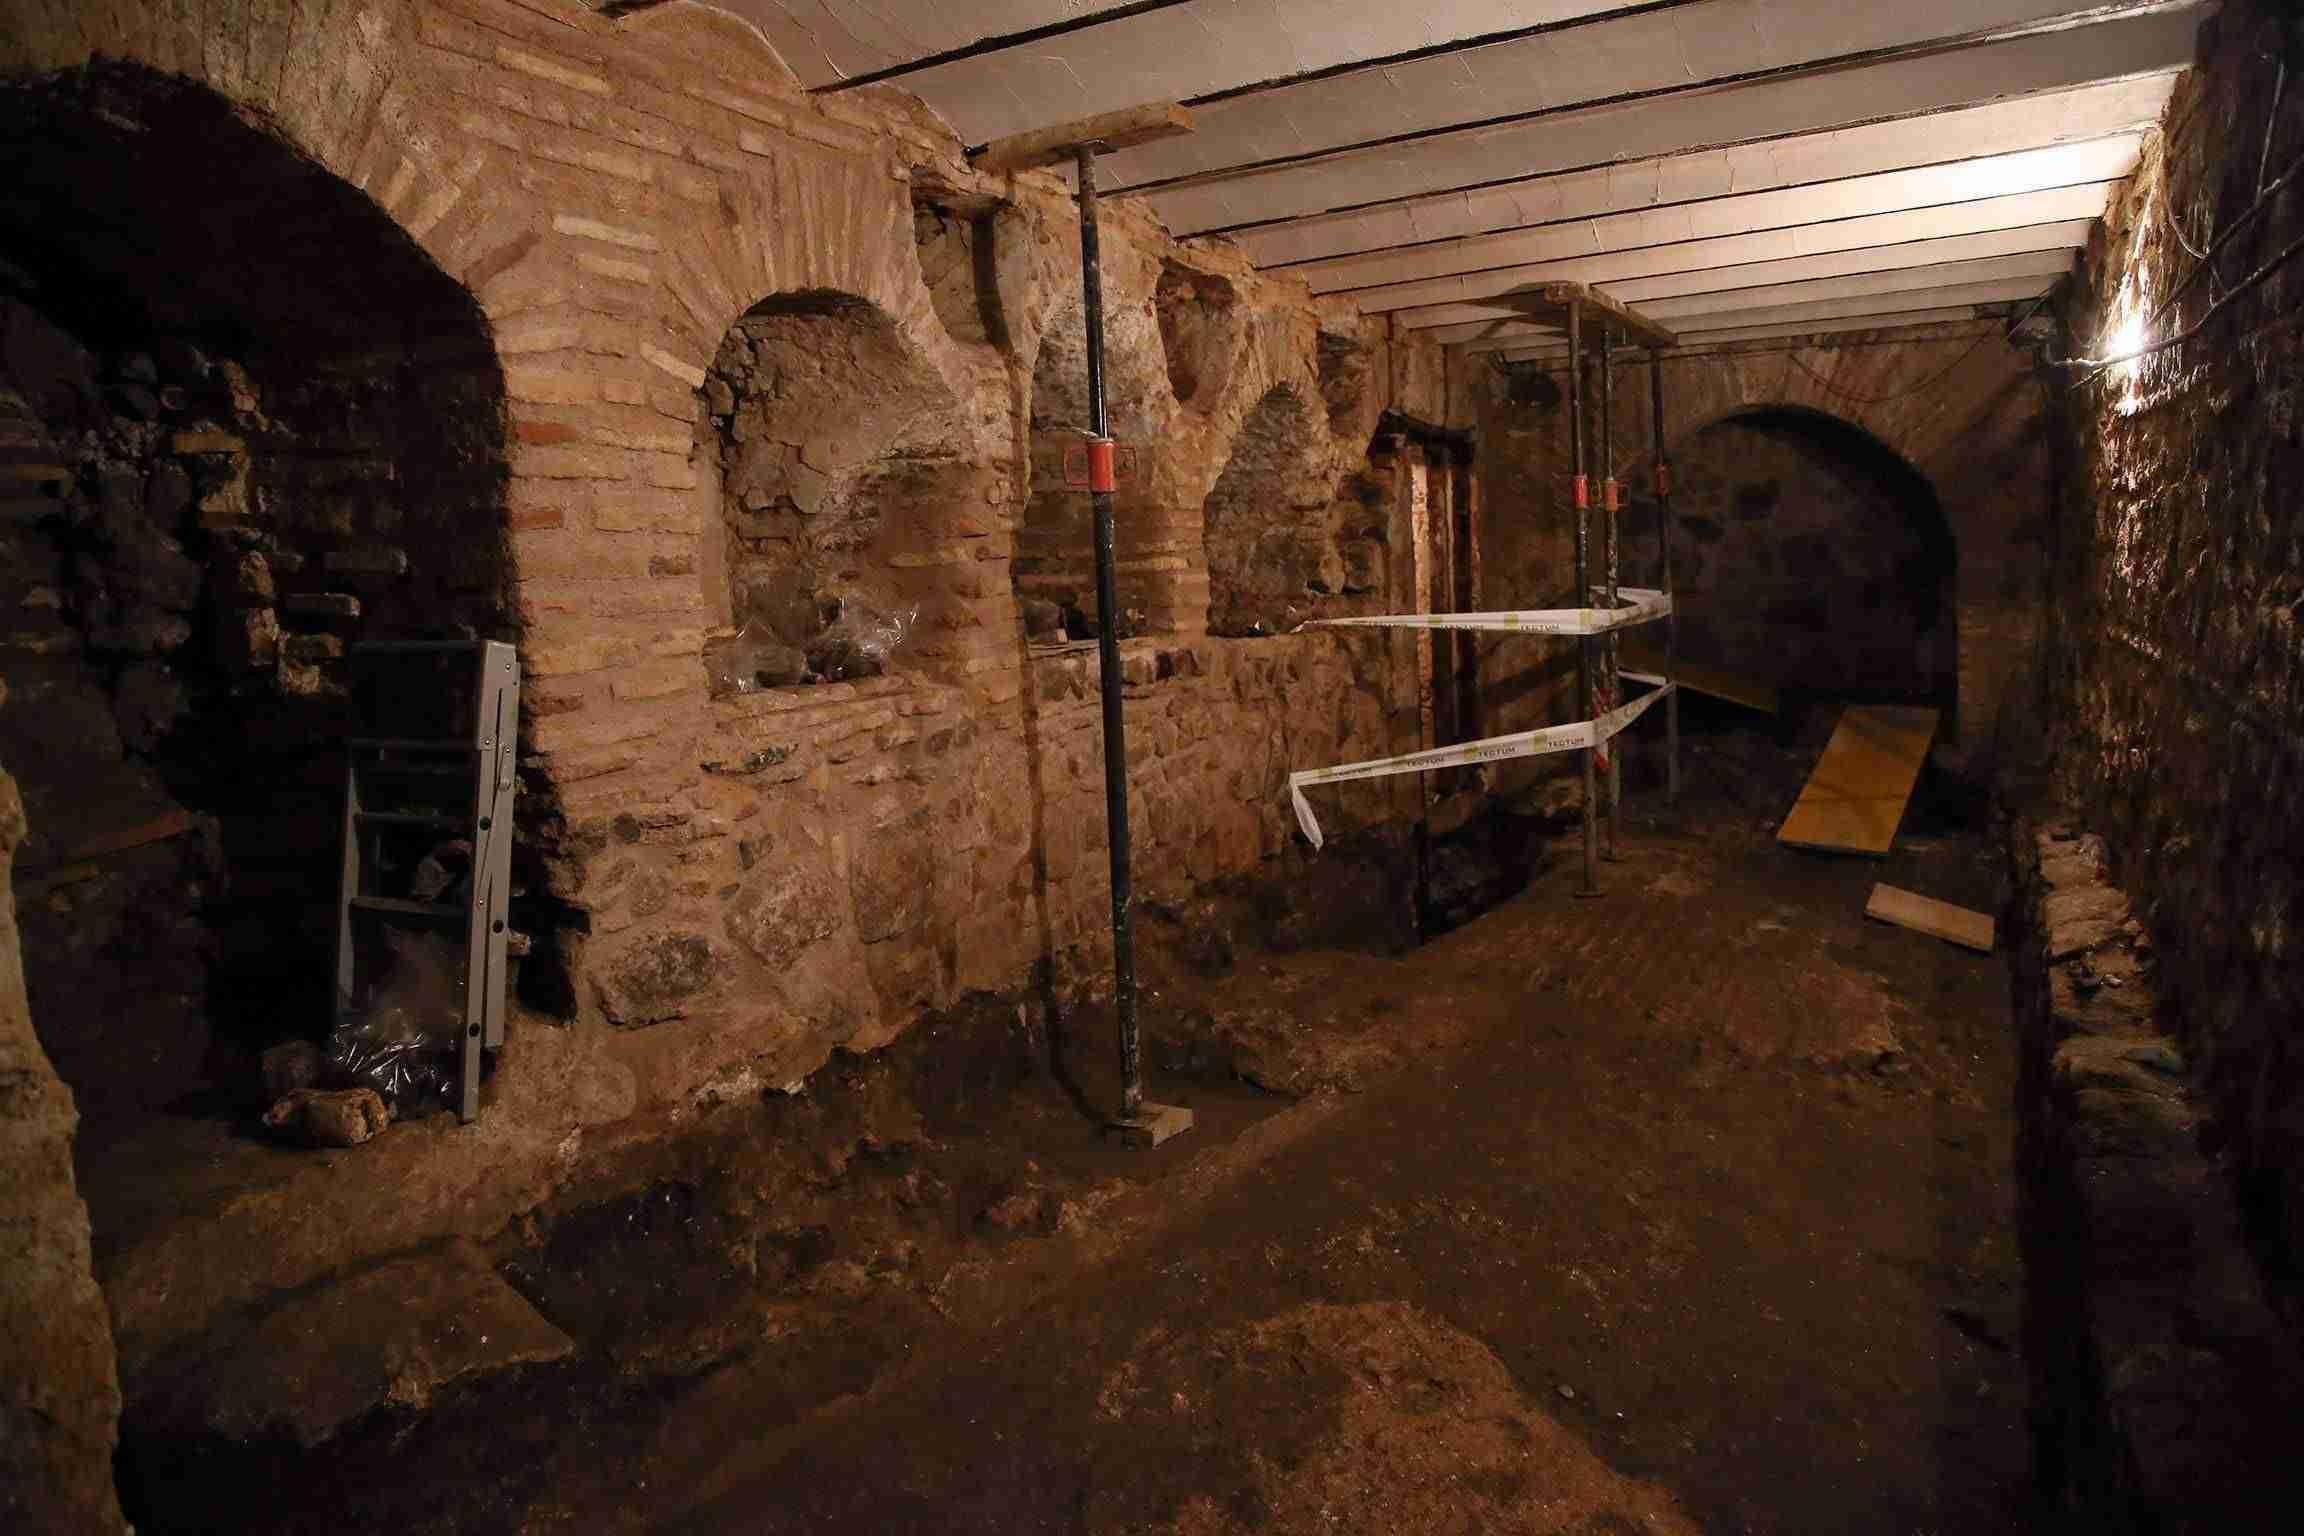 La galería romana de Amador de los Ríos abre sus puertas al público por primera vez este viernes por el 30 Aniversario 7